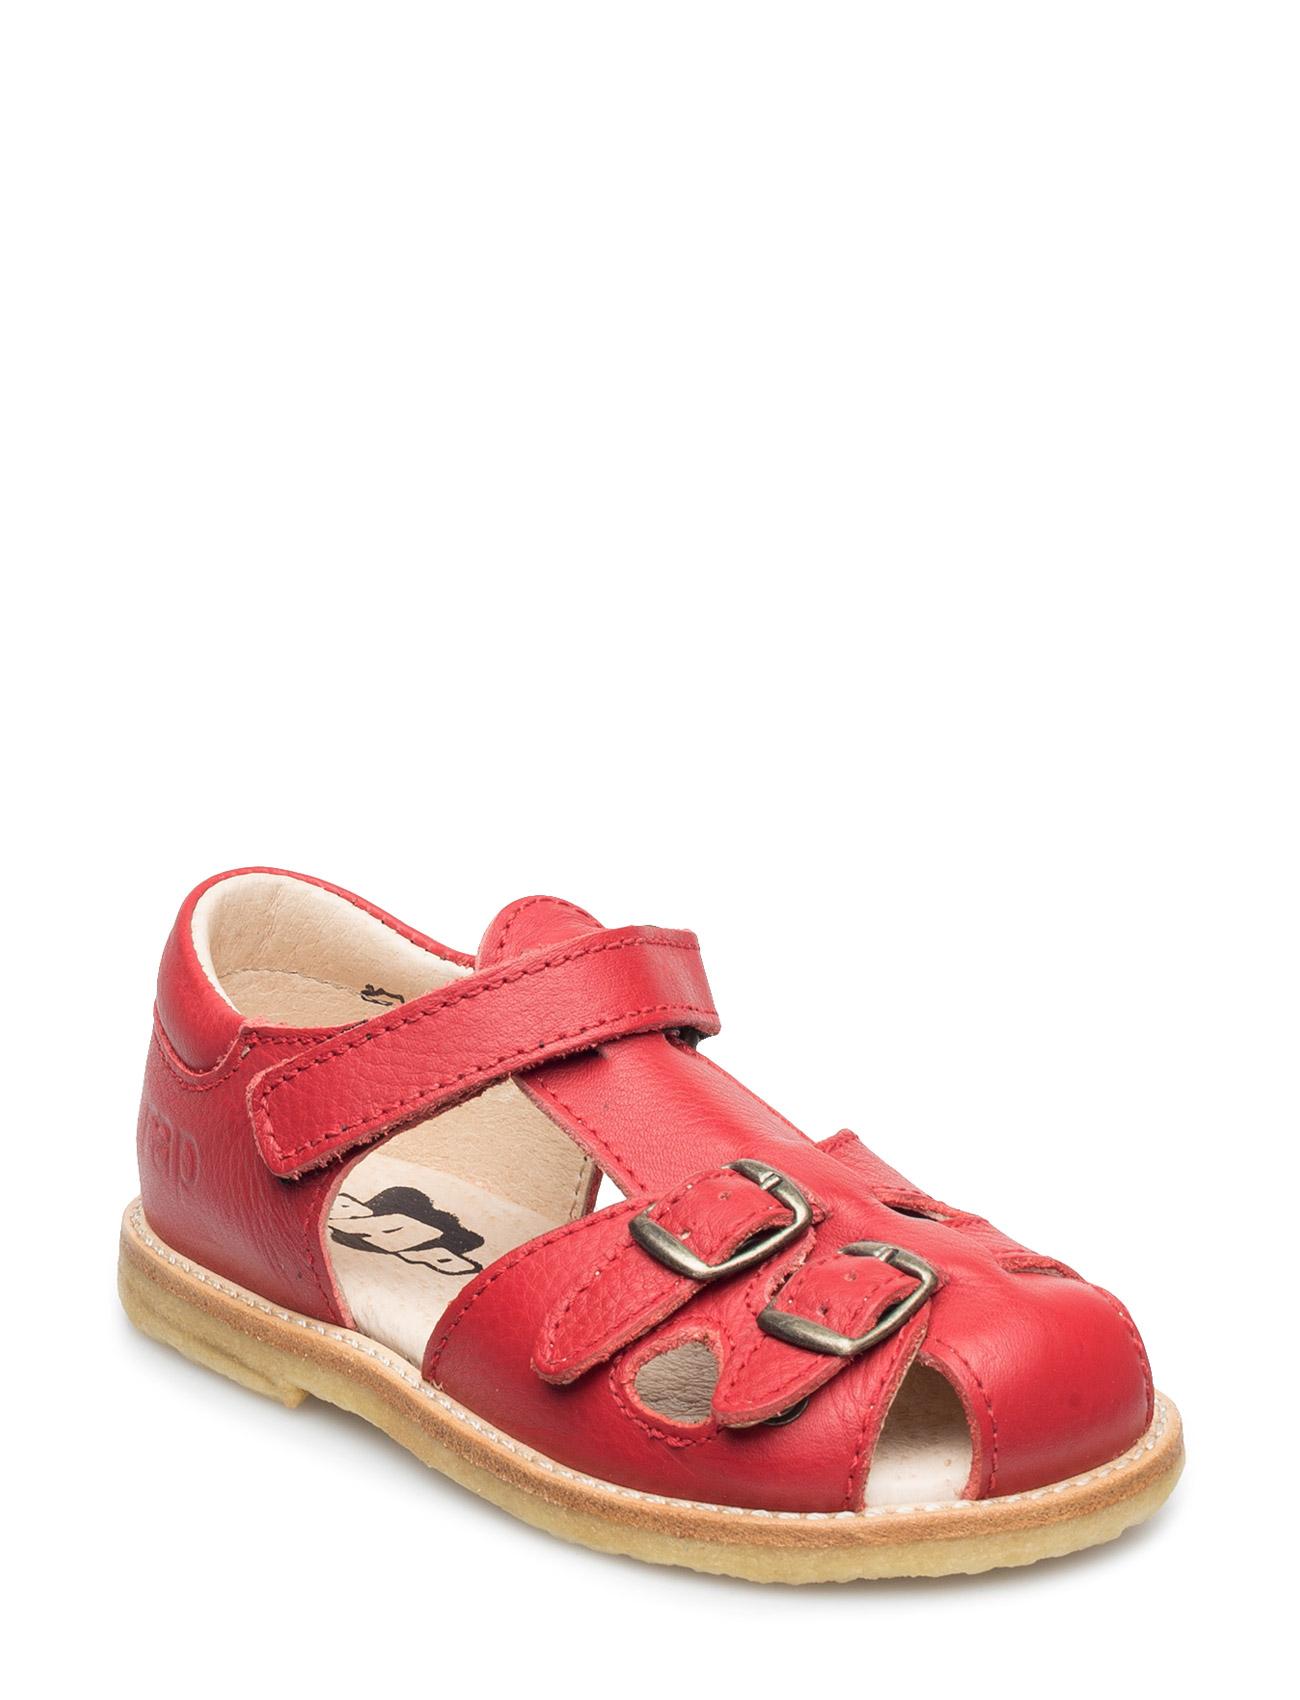 Ecological Closed Retro Sandal, Medium/Wide Fit Arauto RAP Sandaler til Børn i